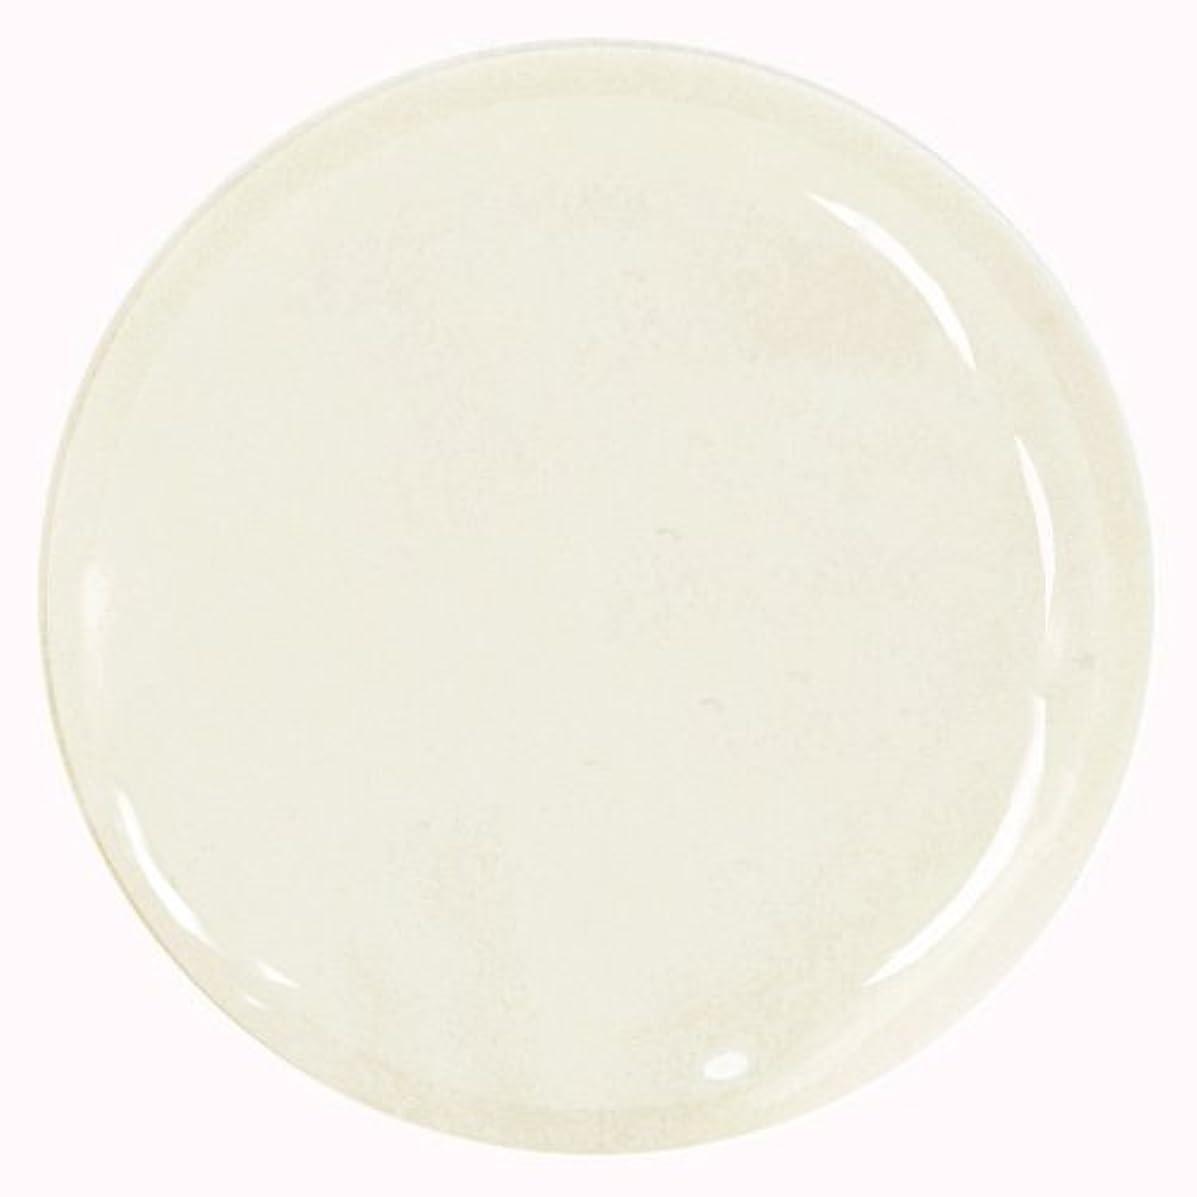 クリアジェル ソークオフジェル(3in1ソフトジェル)LED/UV 5g NC000